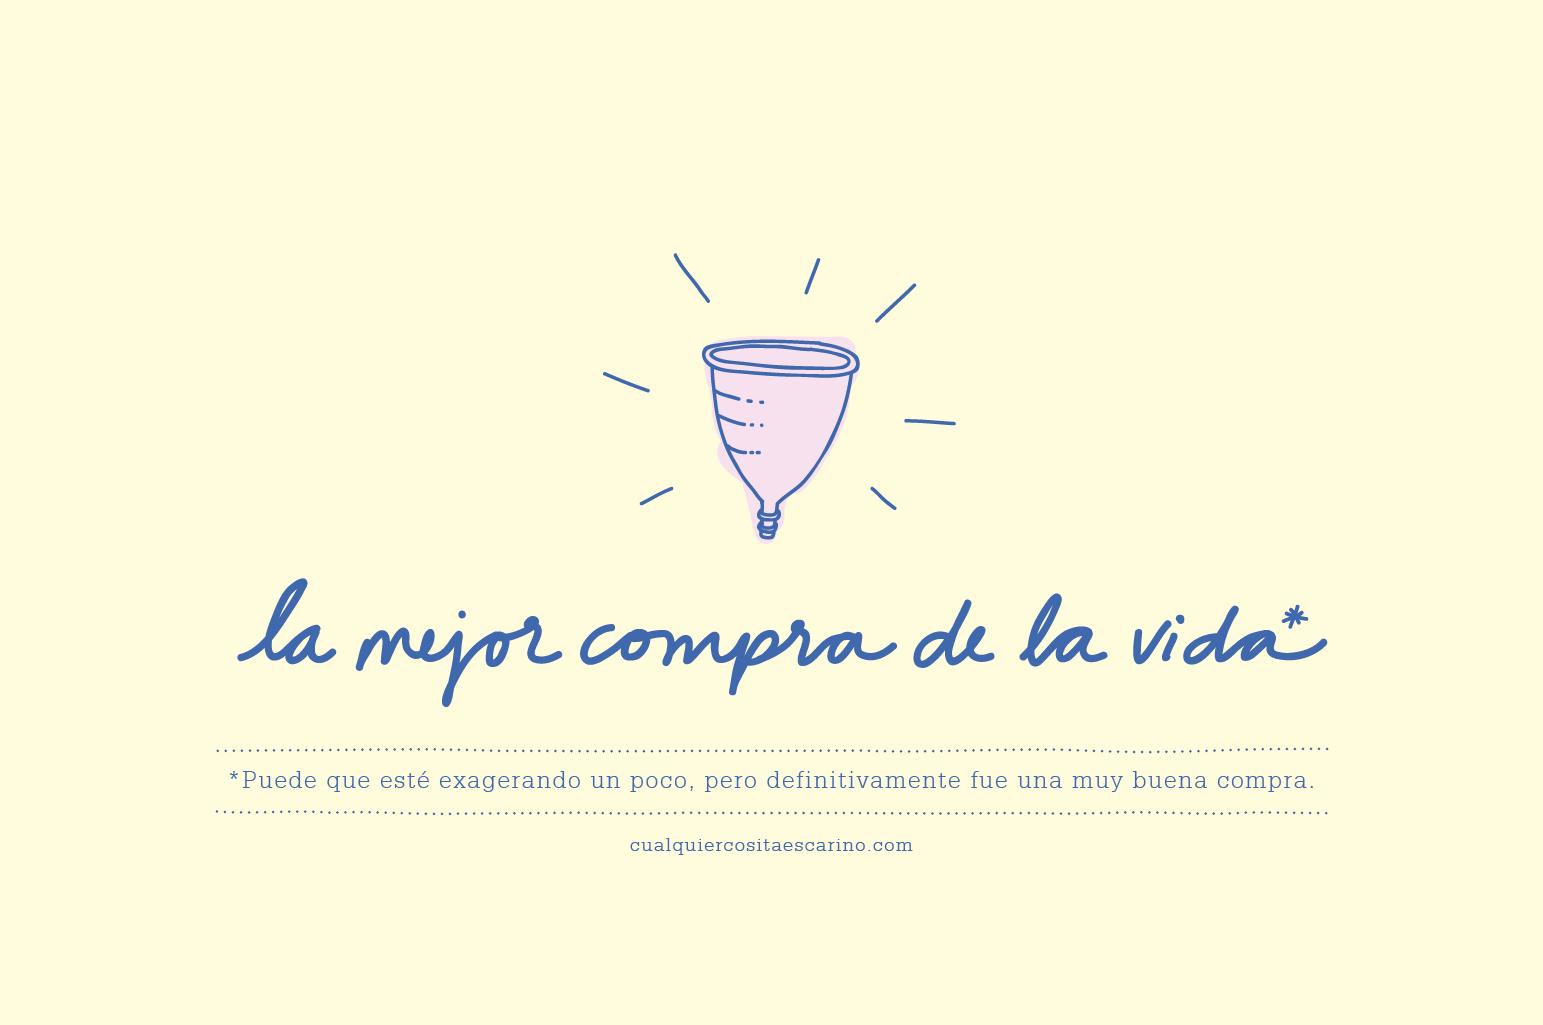 La mejor compra de la vida* www.cualquiercositaescarino.com #copamenstrual #menstrualcup